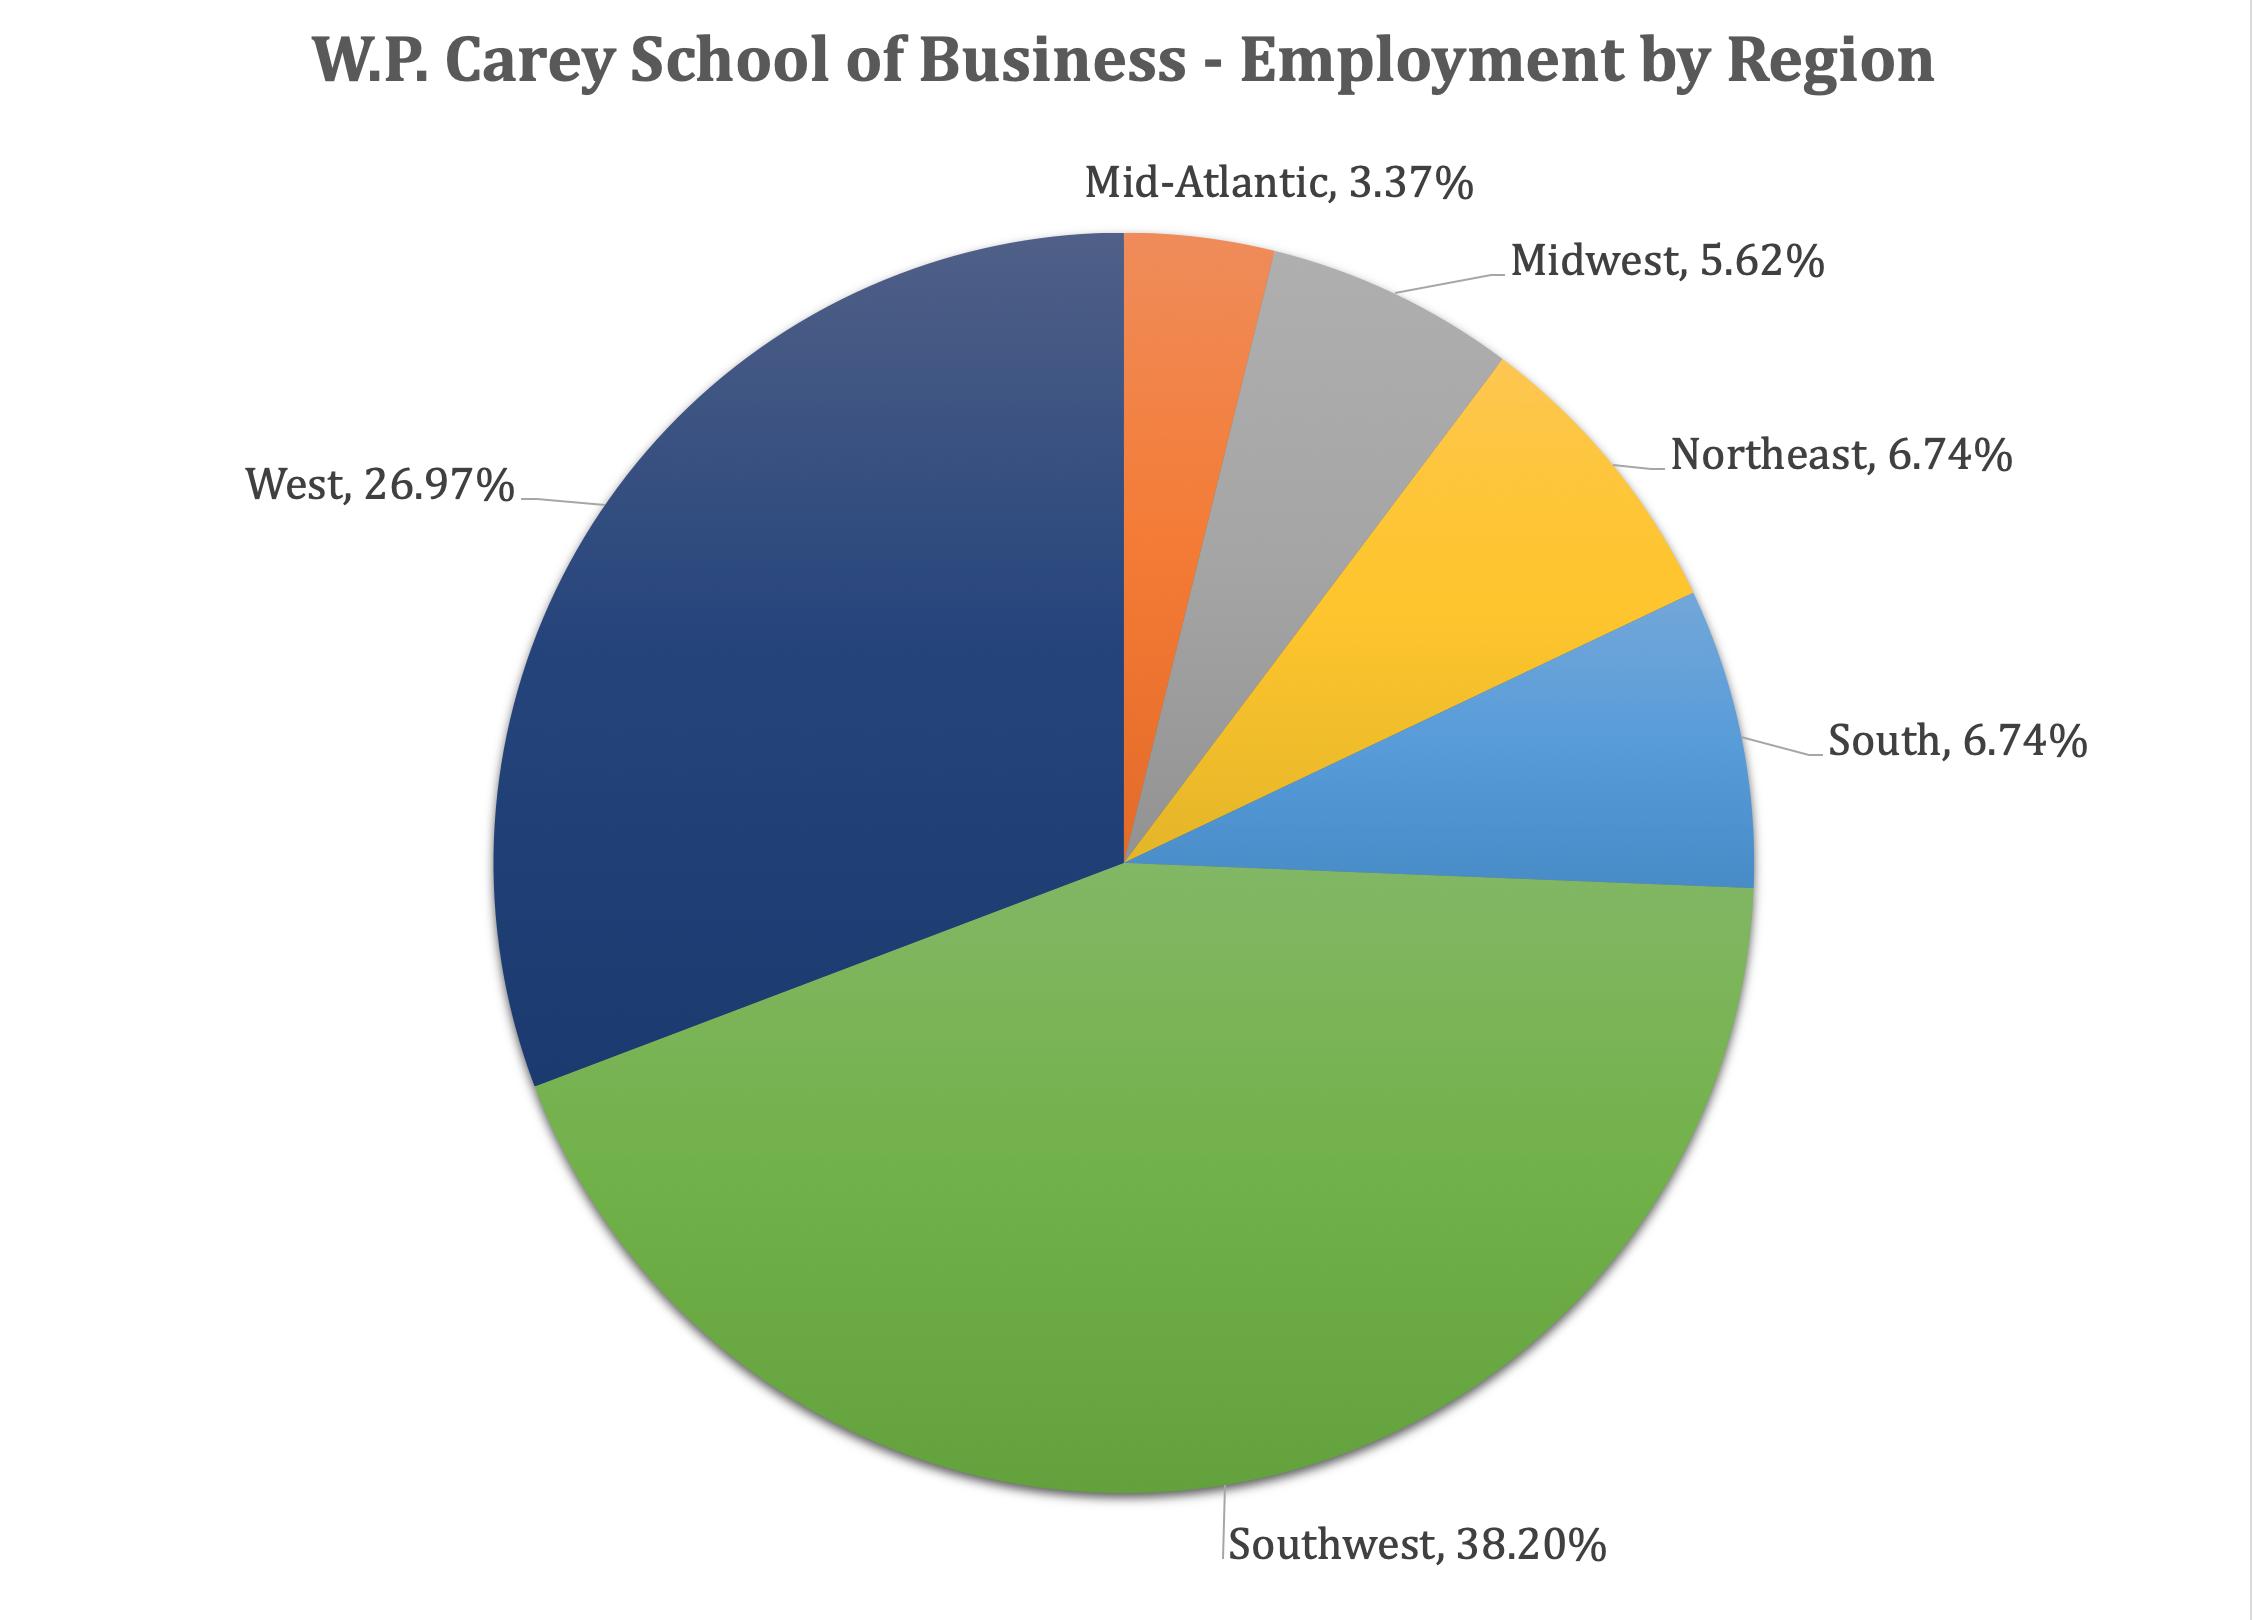 ASU MBA Program - W.P. Carey School of Business - Employment by Region